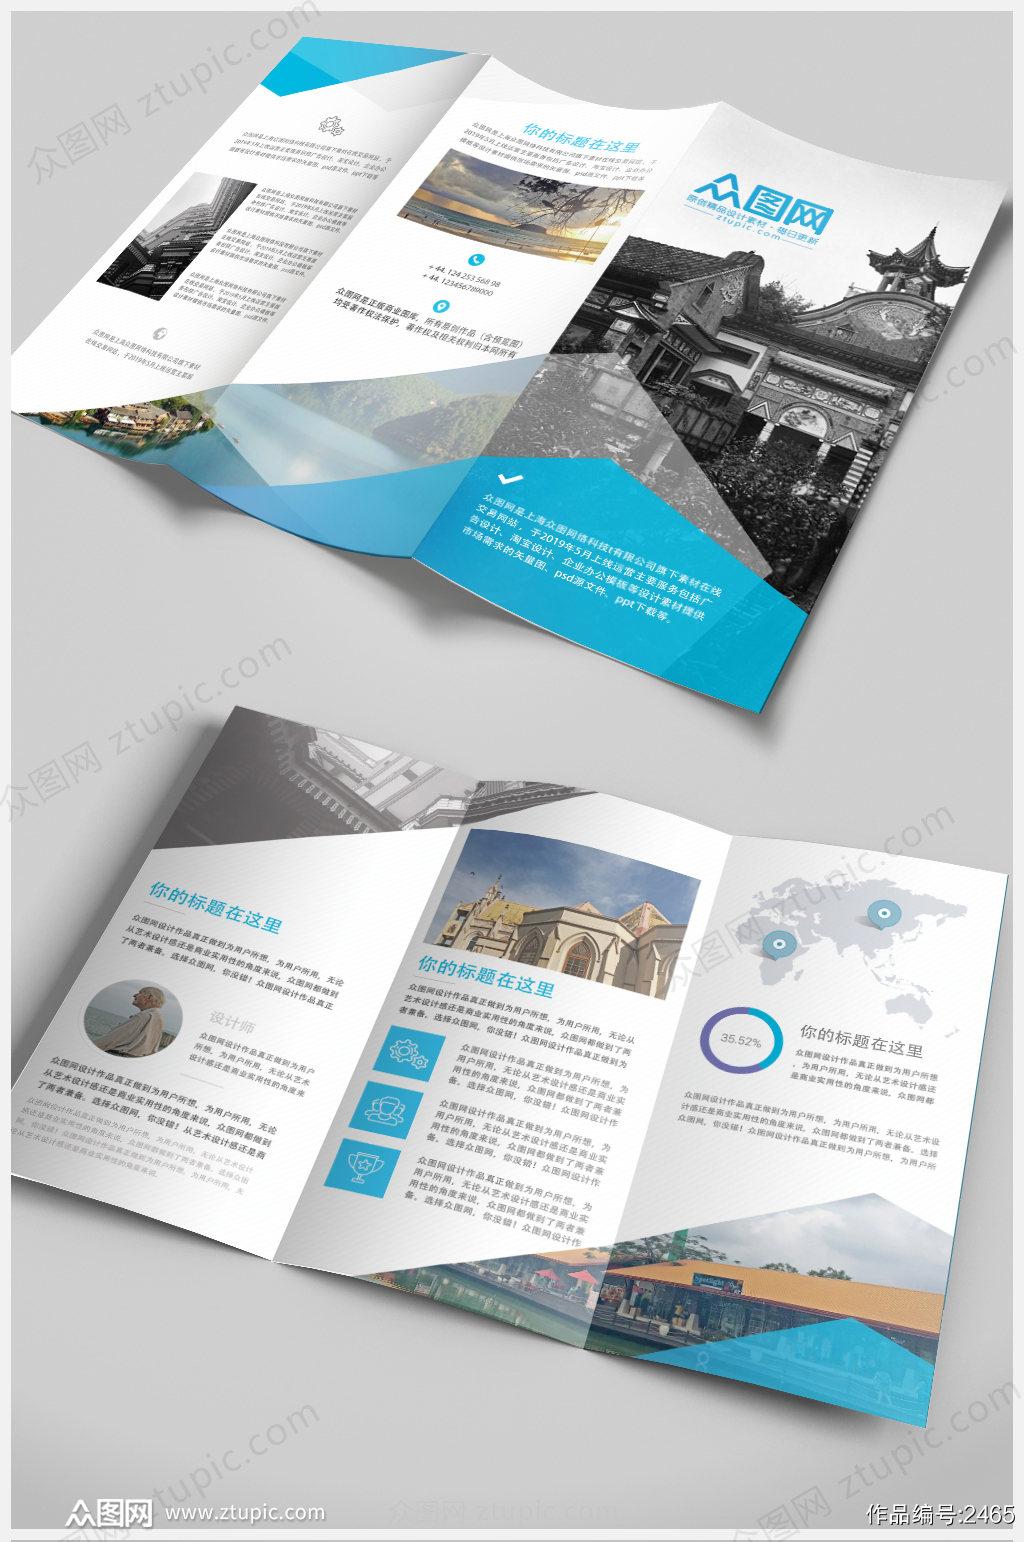 高档蓝色通用公司简介科技商务企业三折页素材